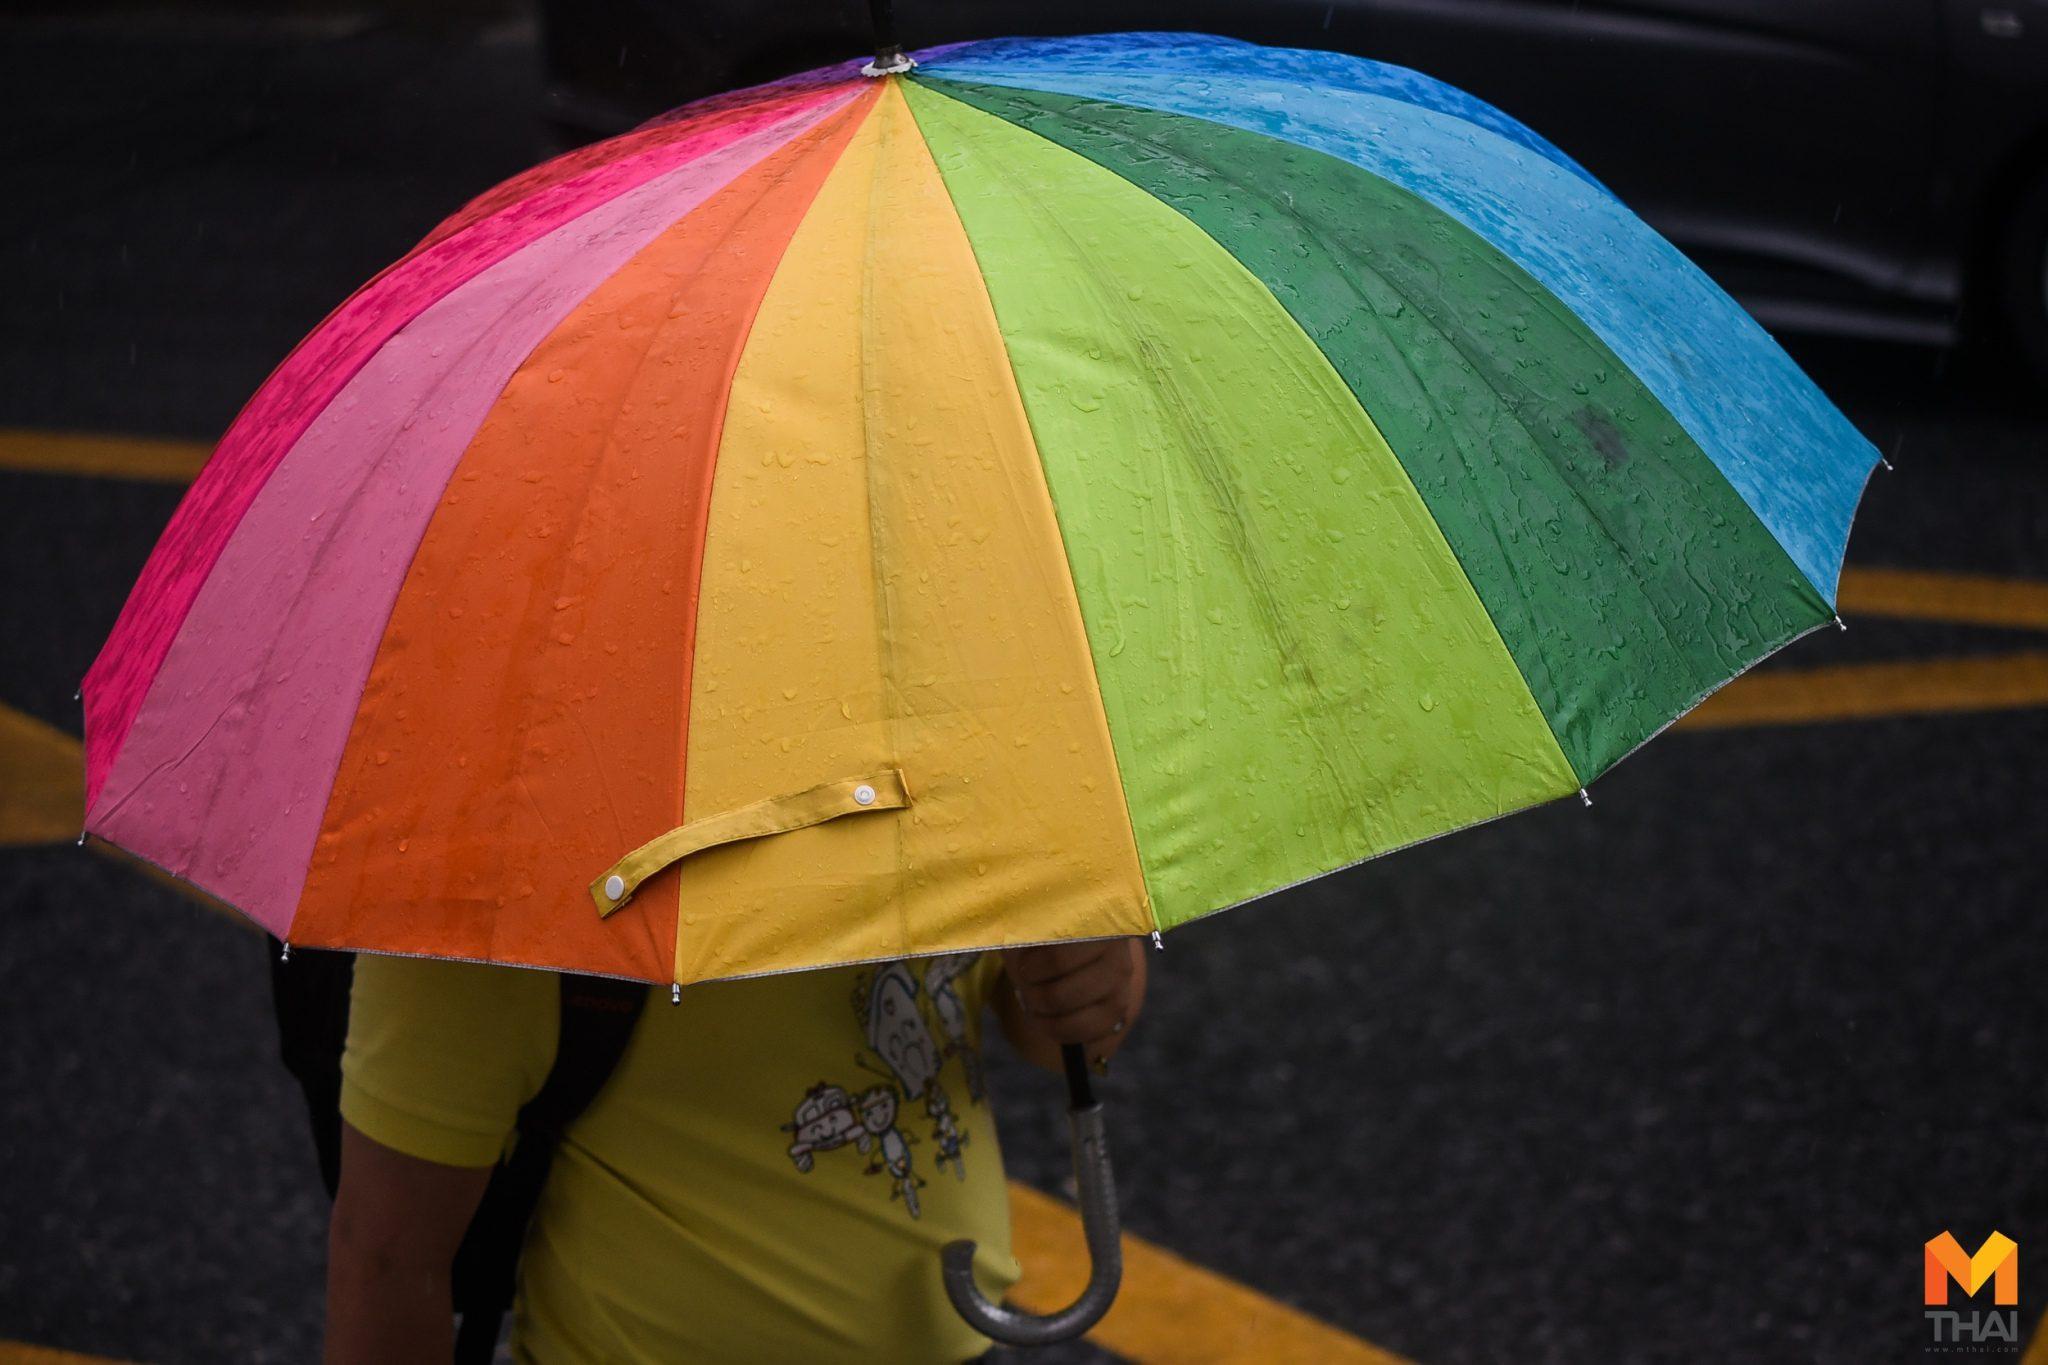 ฝนถล่มทั่วกรุงฯ การจราจรติดขัด น้ำท่วมขังหลายจุด